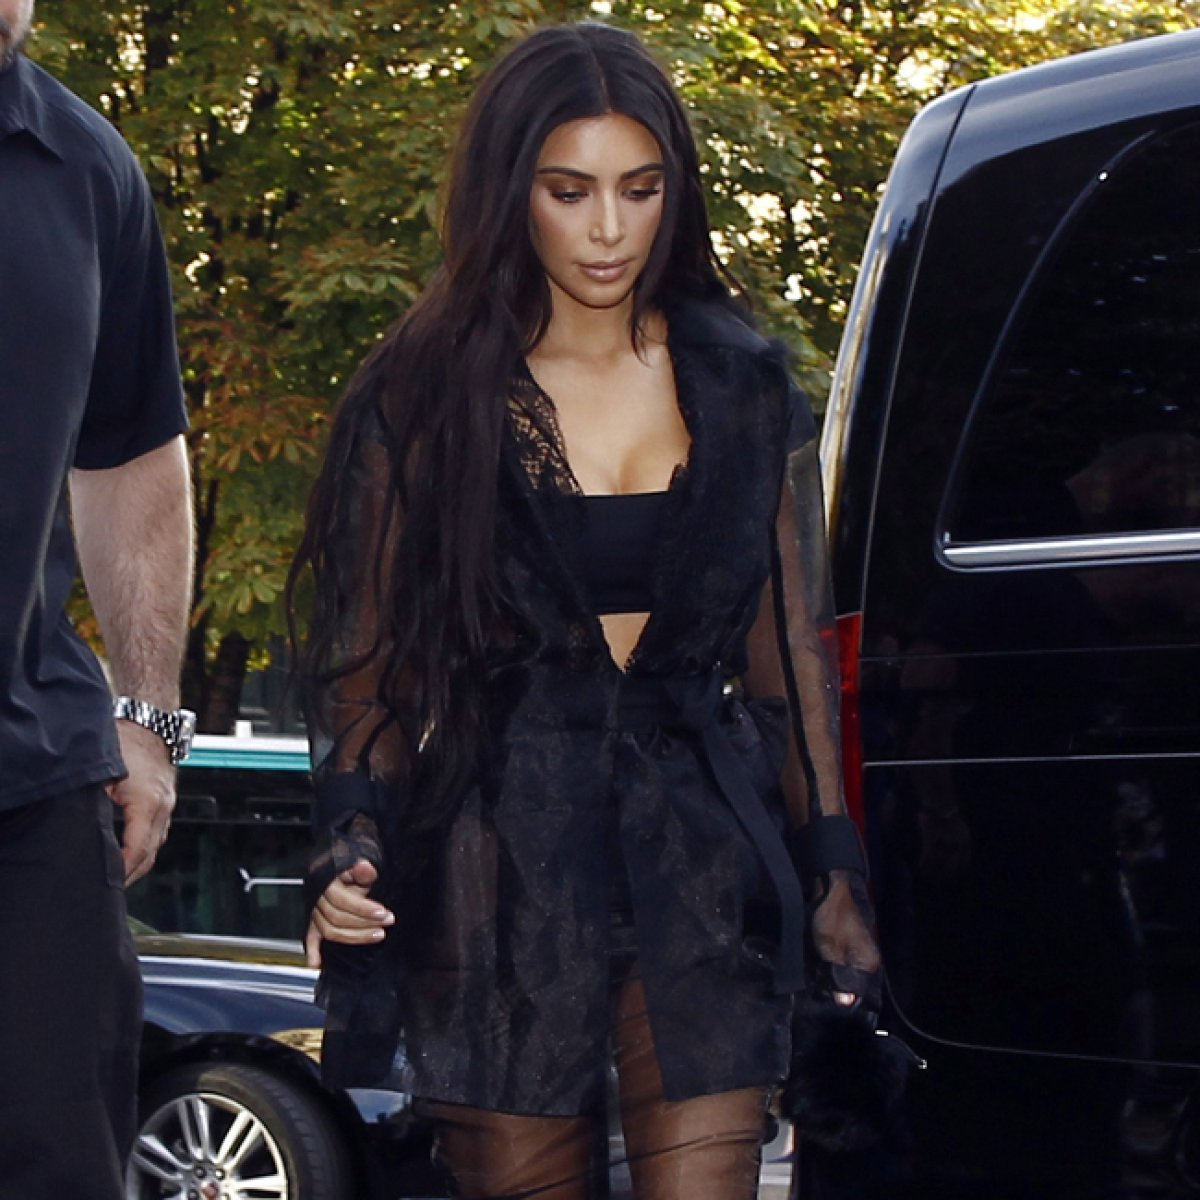 La extraña enfermedad en la piel ya hace estragos en Kim Kardashian